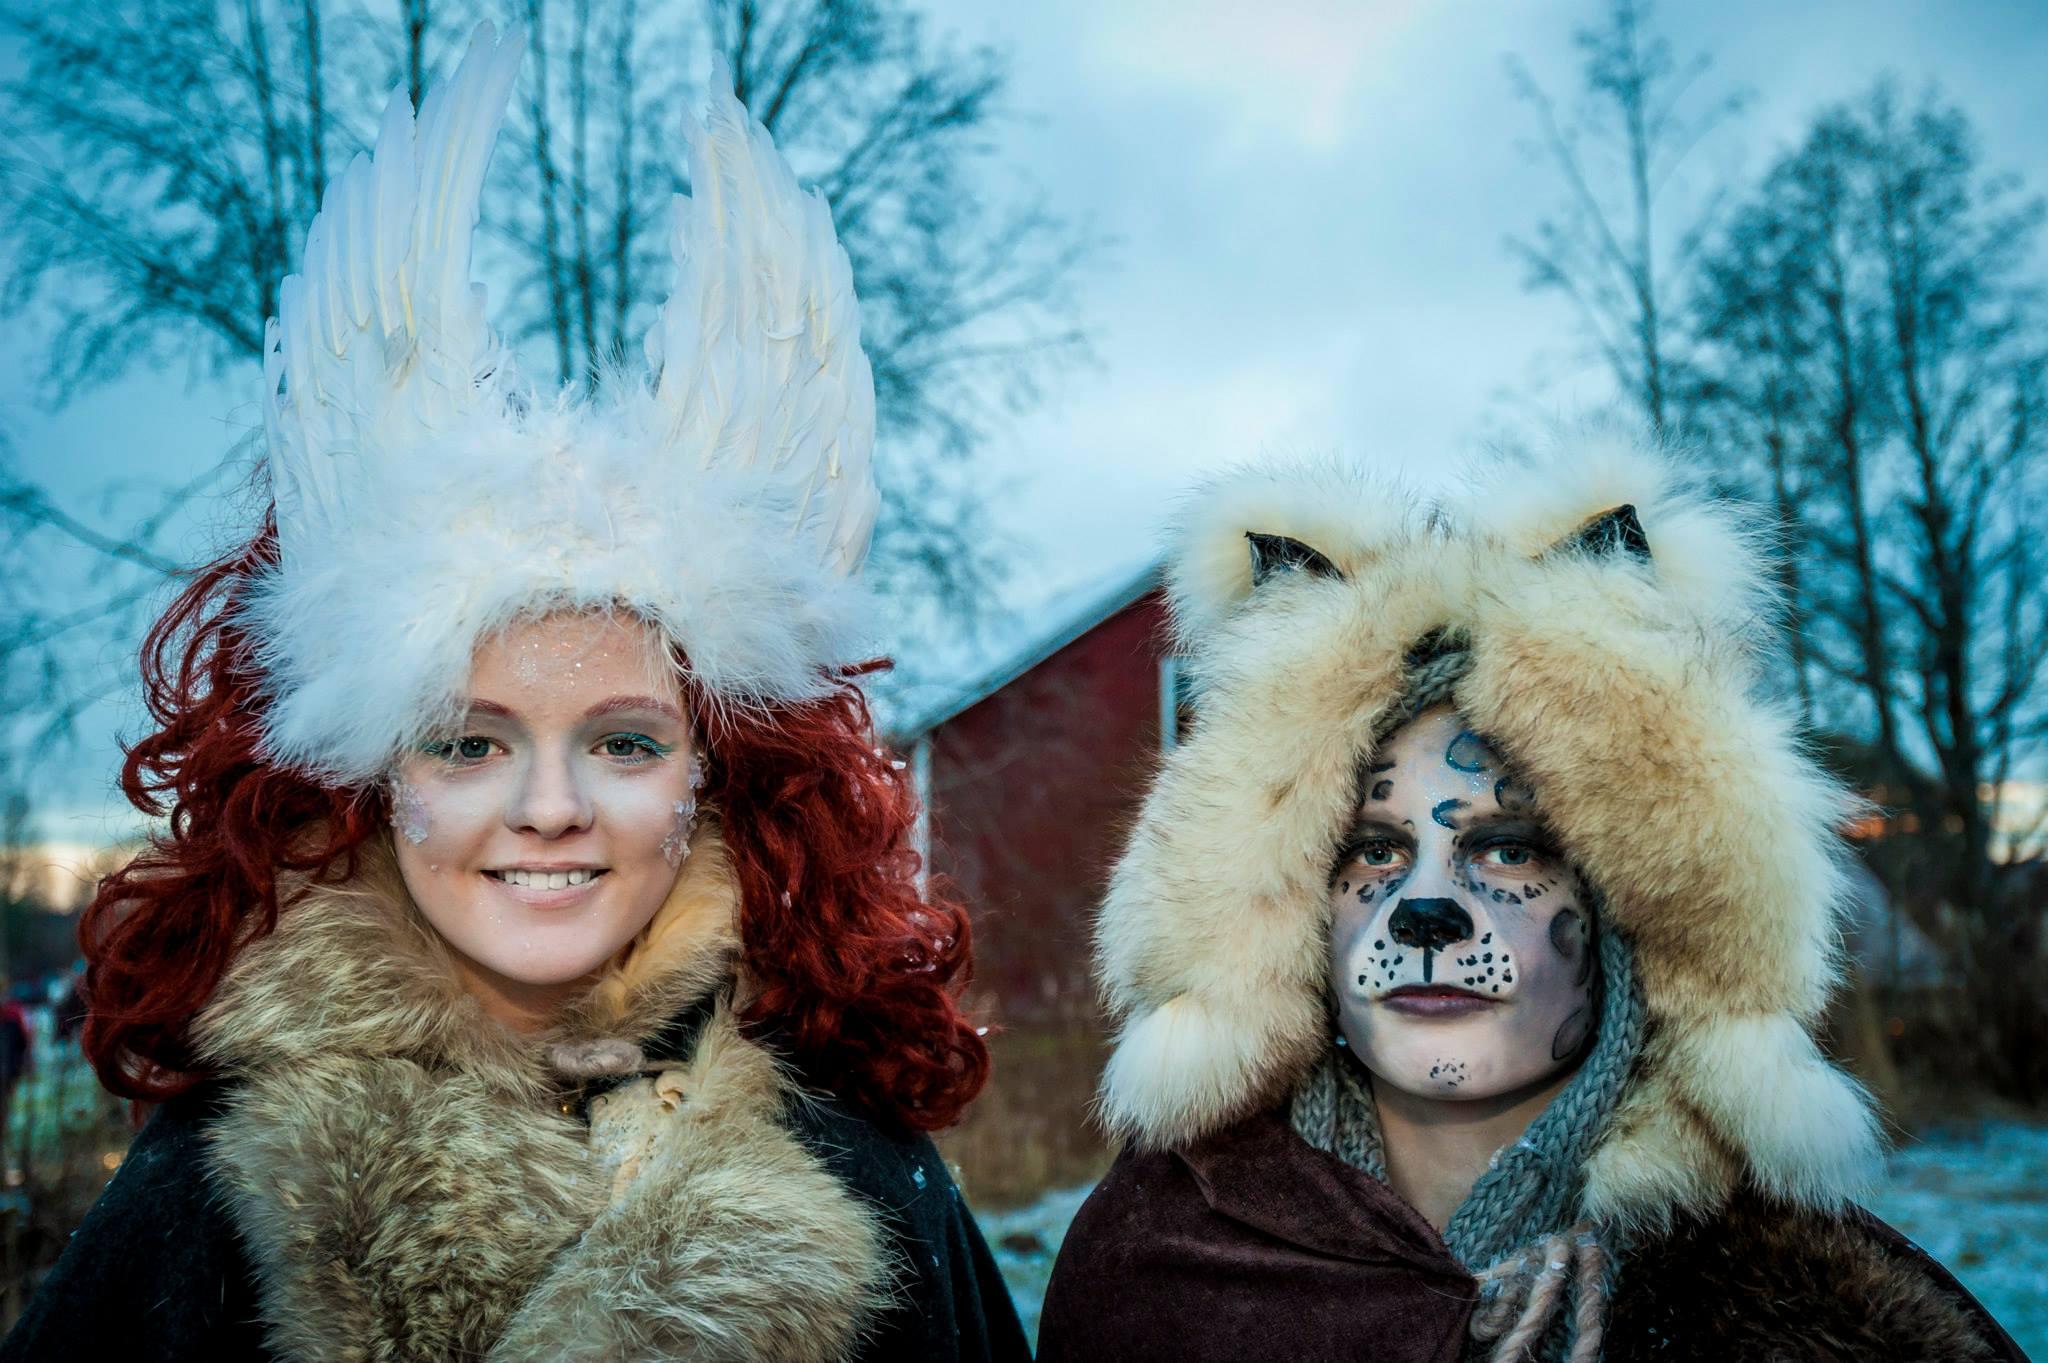 Två magiskt vackra Vinterväsen fångade på bild av fotograf Martin Burmester. www. martinburmester.eu